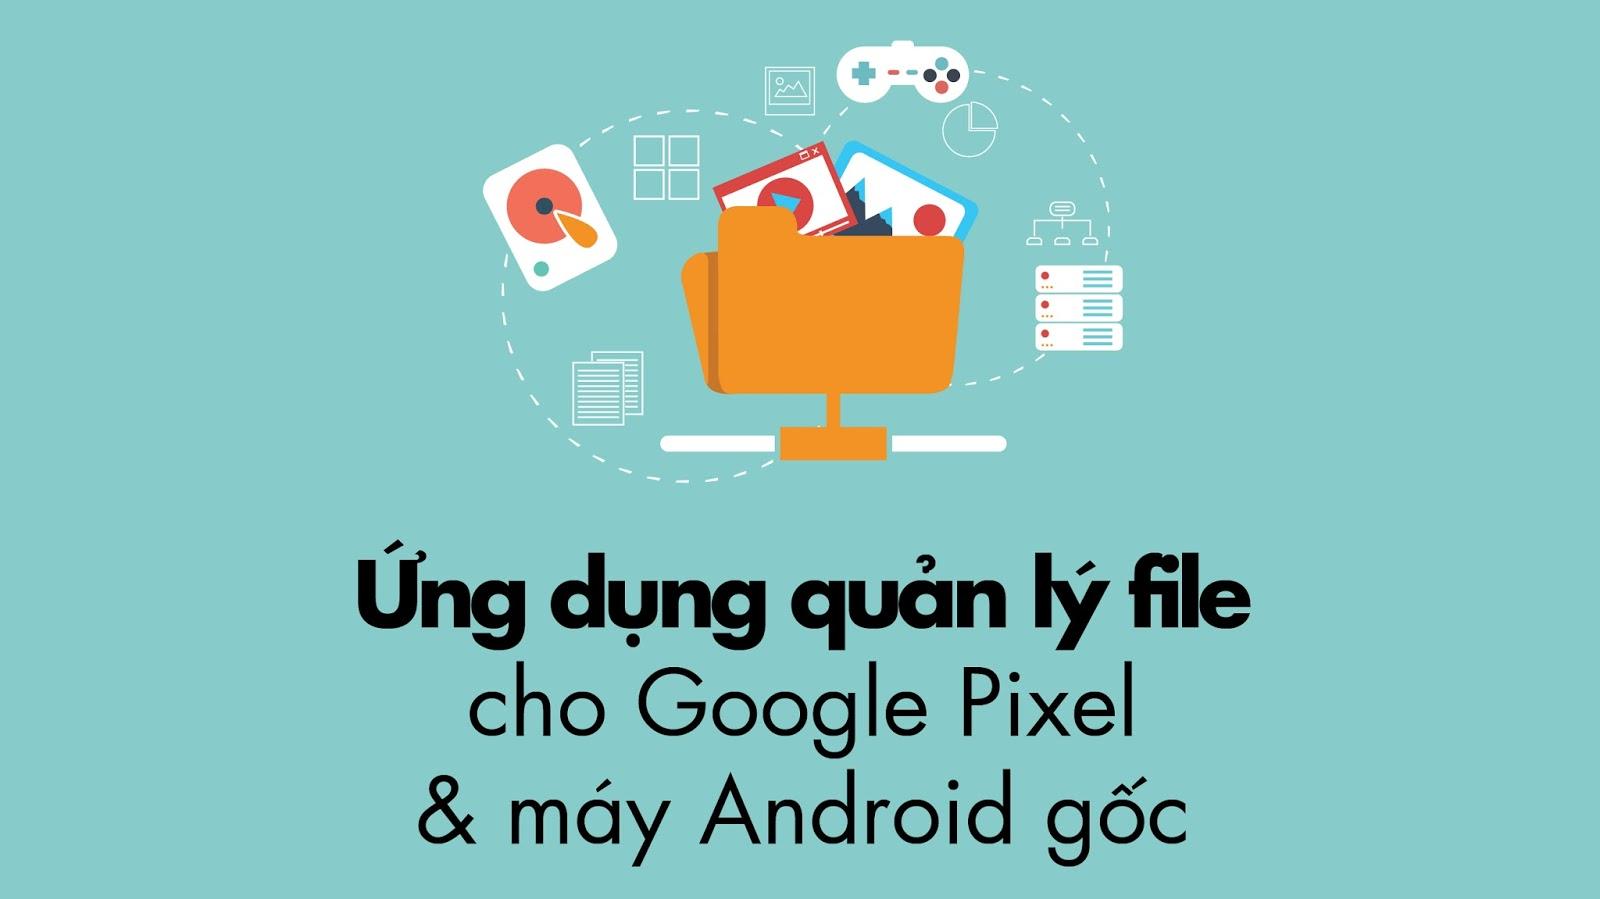 Ứng dụng quản lý file cho Google Pixel và máy Android gốc